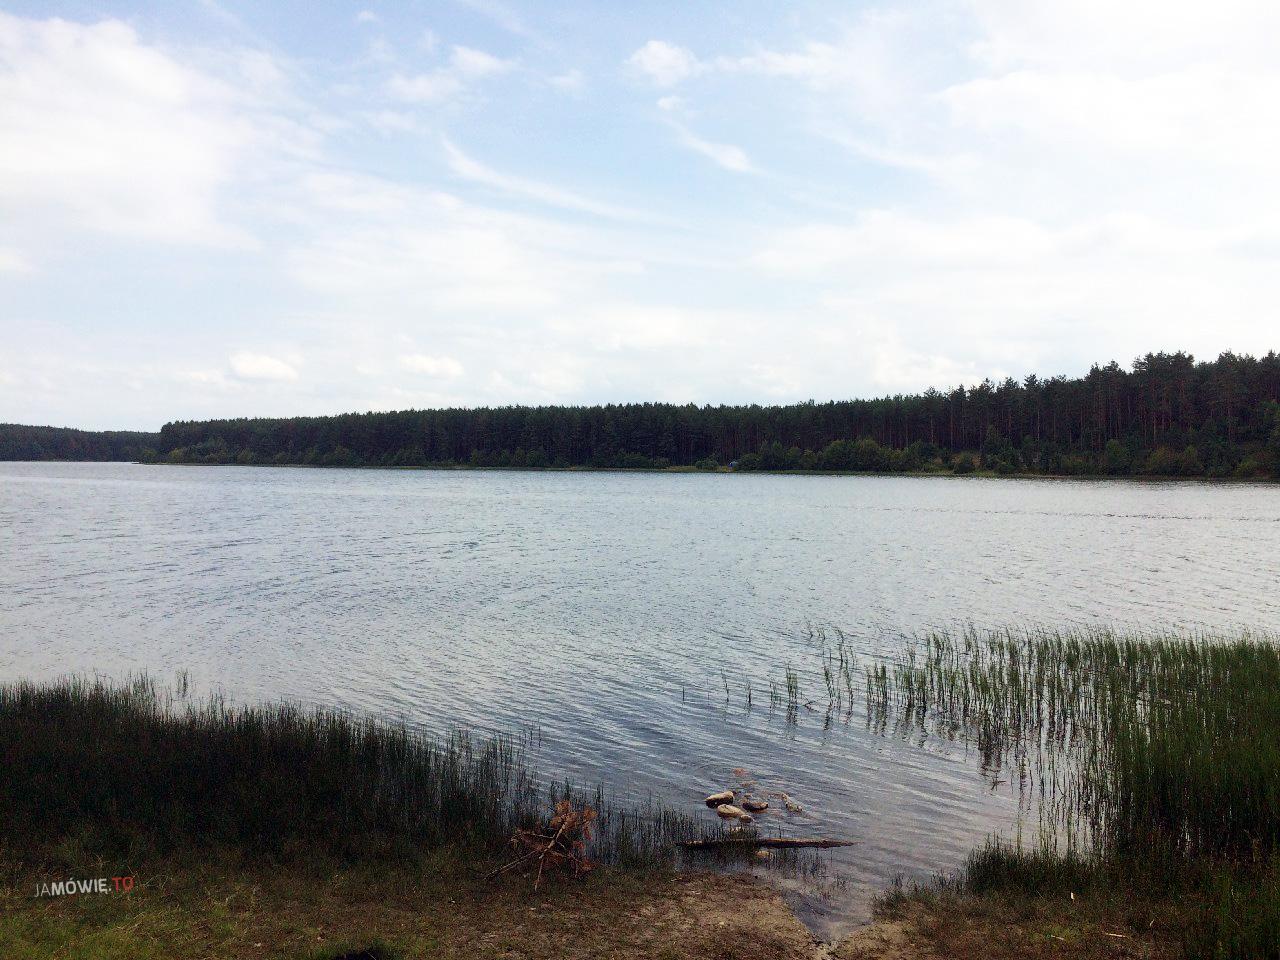 Jezioro Długie - Kamienne Kręgi w Węsiorach - Ja mówię TO https://jamowie.to